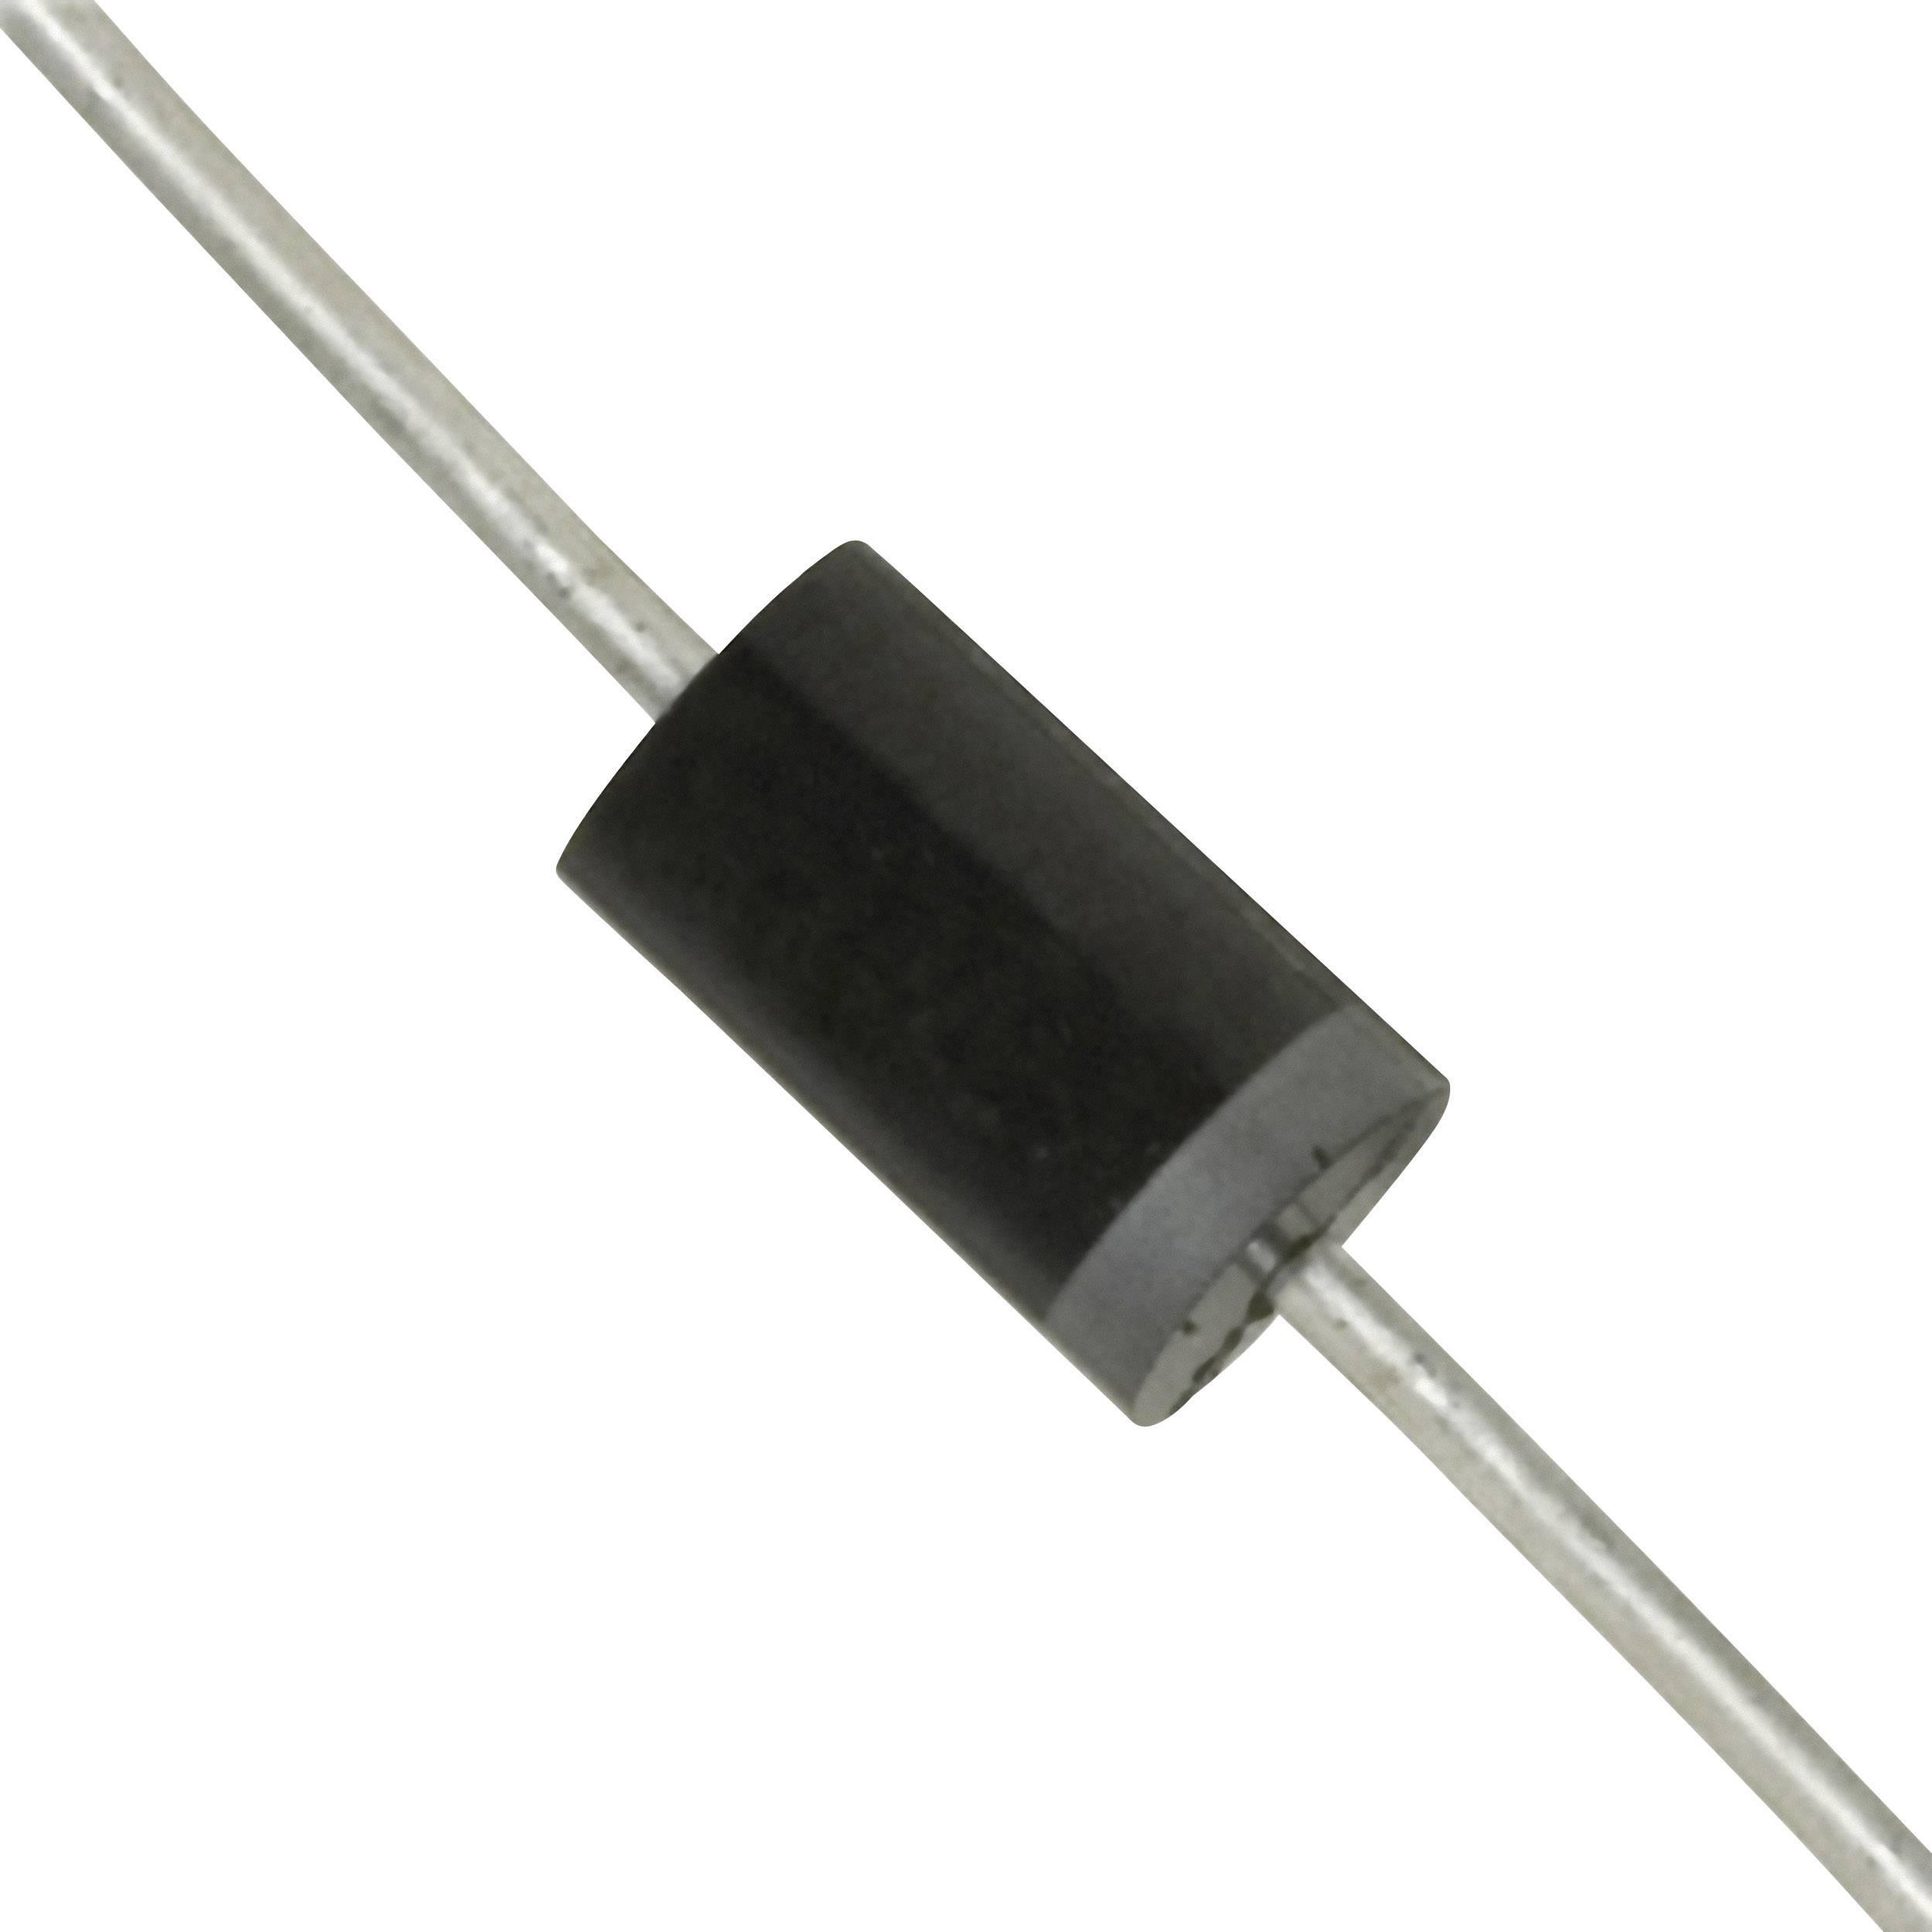 Zenerova dioda Diotec ZPD 24 V, 500 mW, DO 35 P